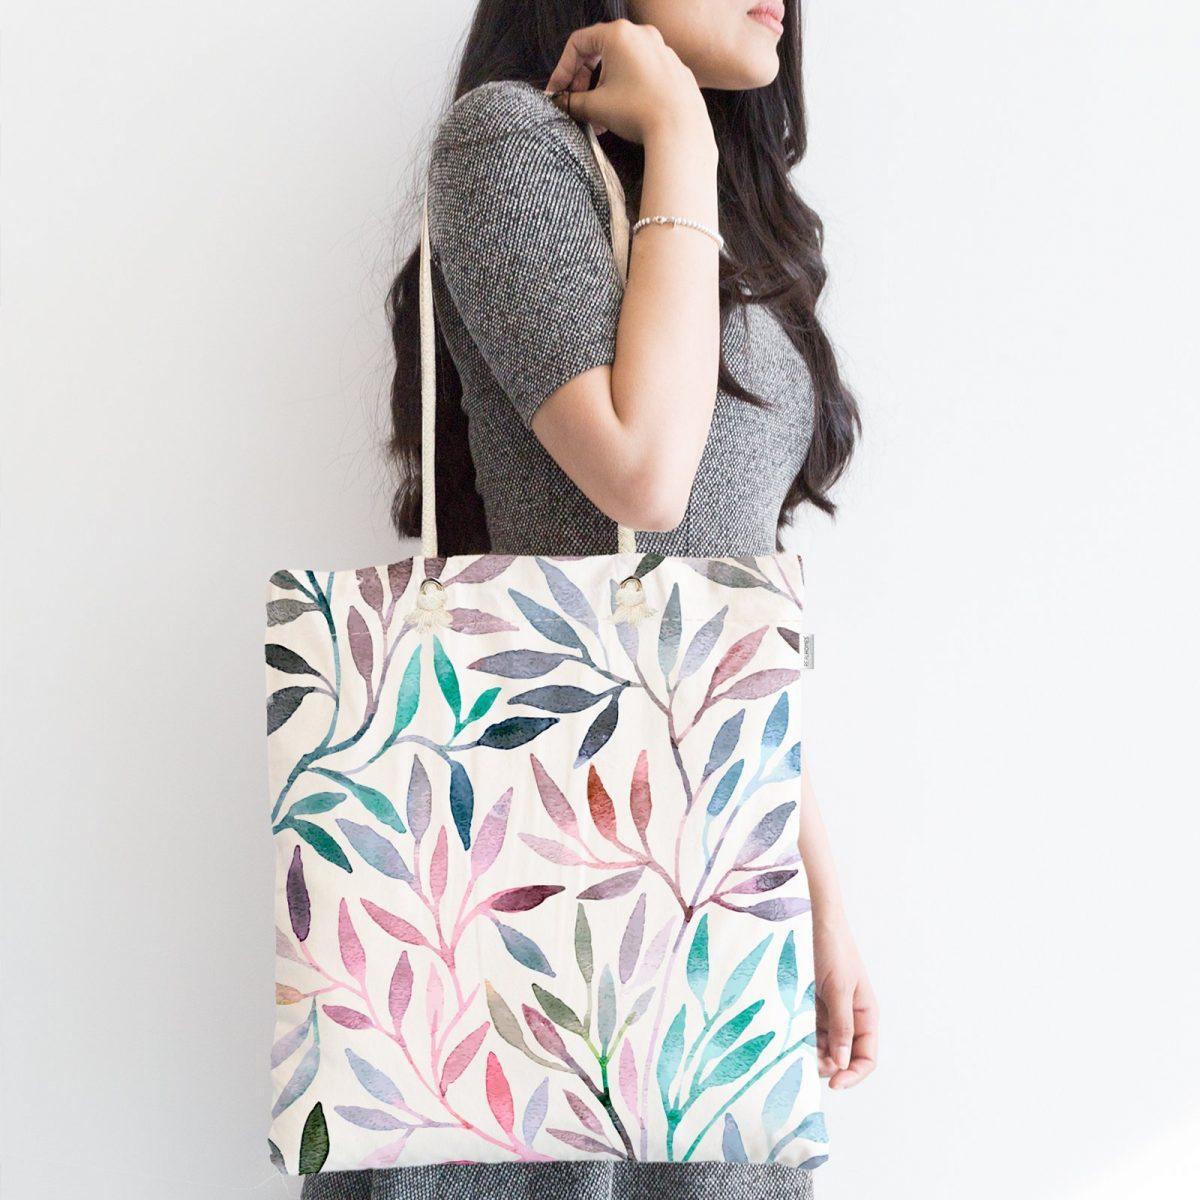 Renkli Yapraklar Dijital Baskılı Fermuarlı Modern Kumaş Çanta Realhomes